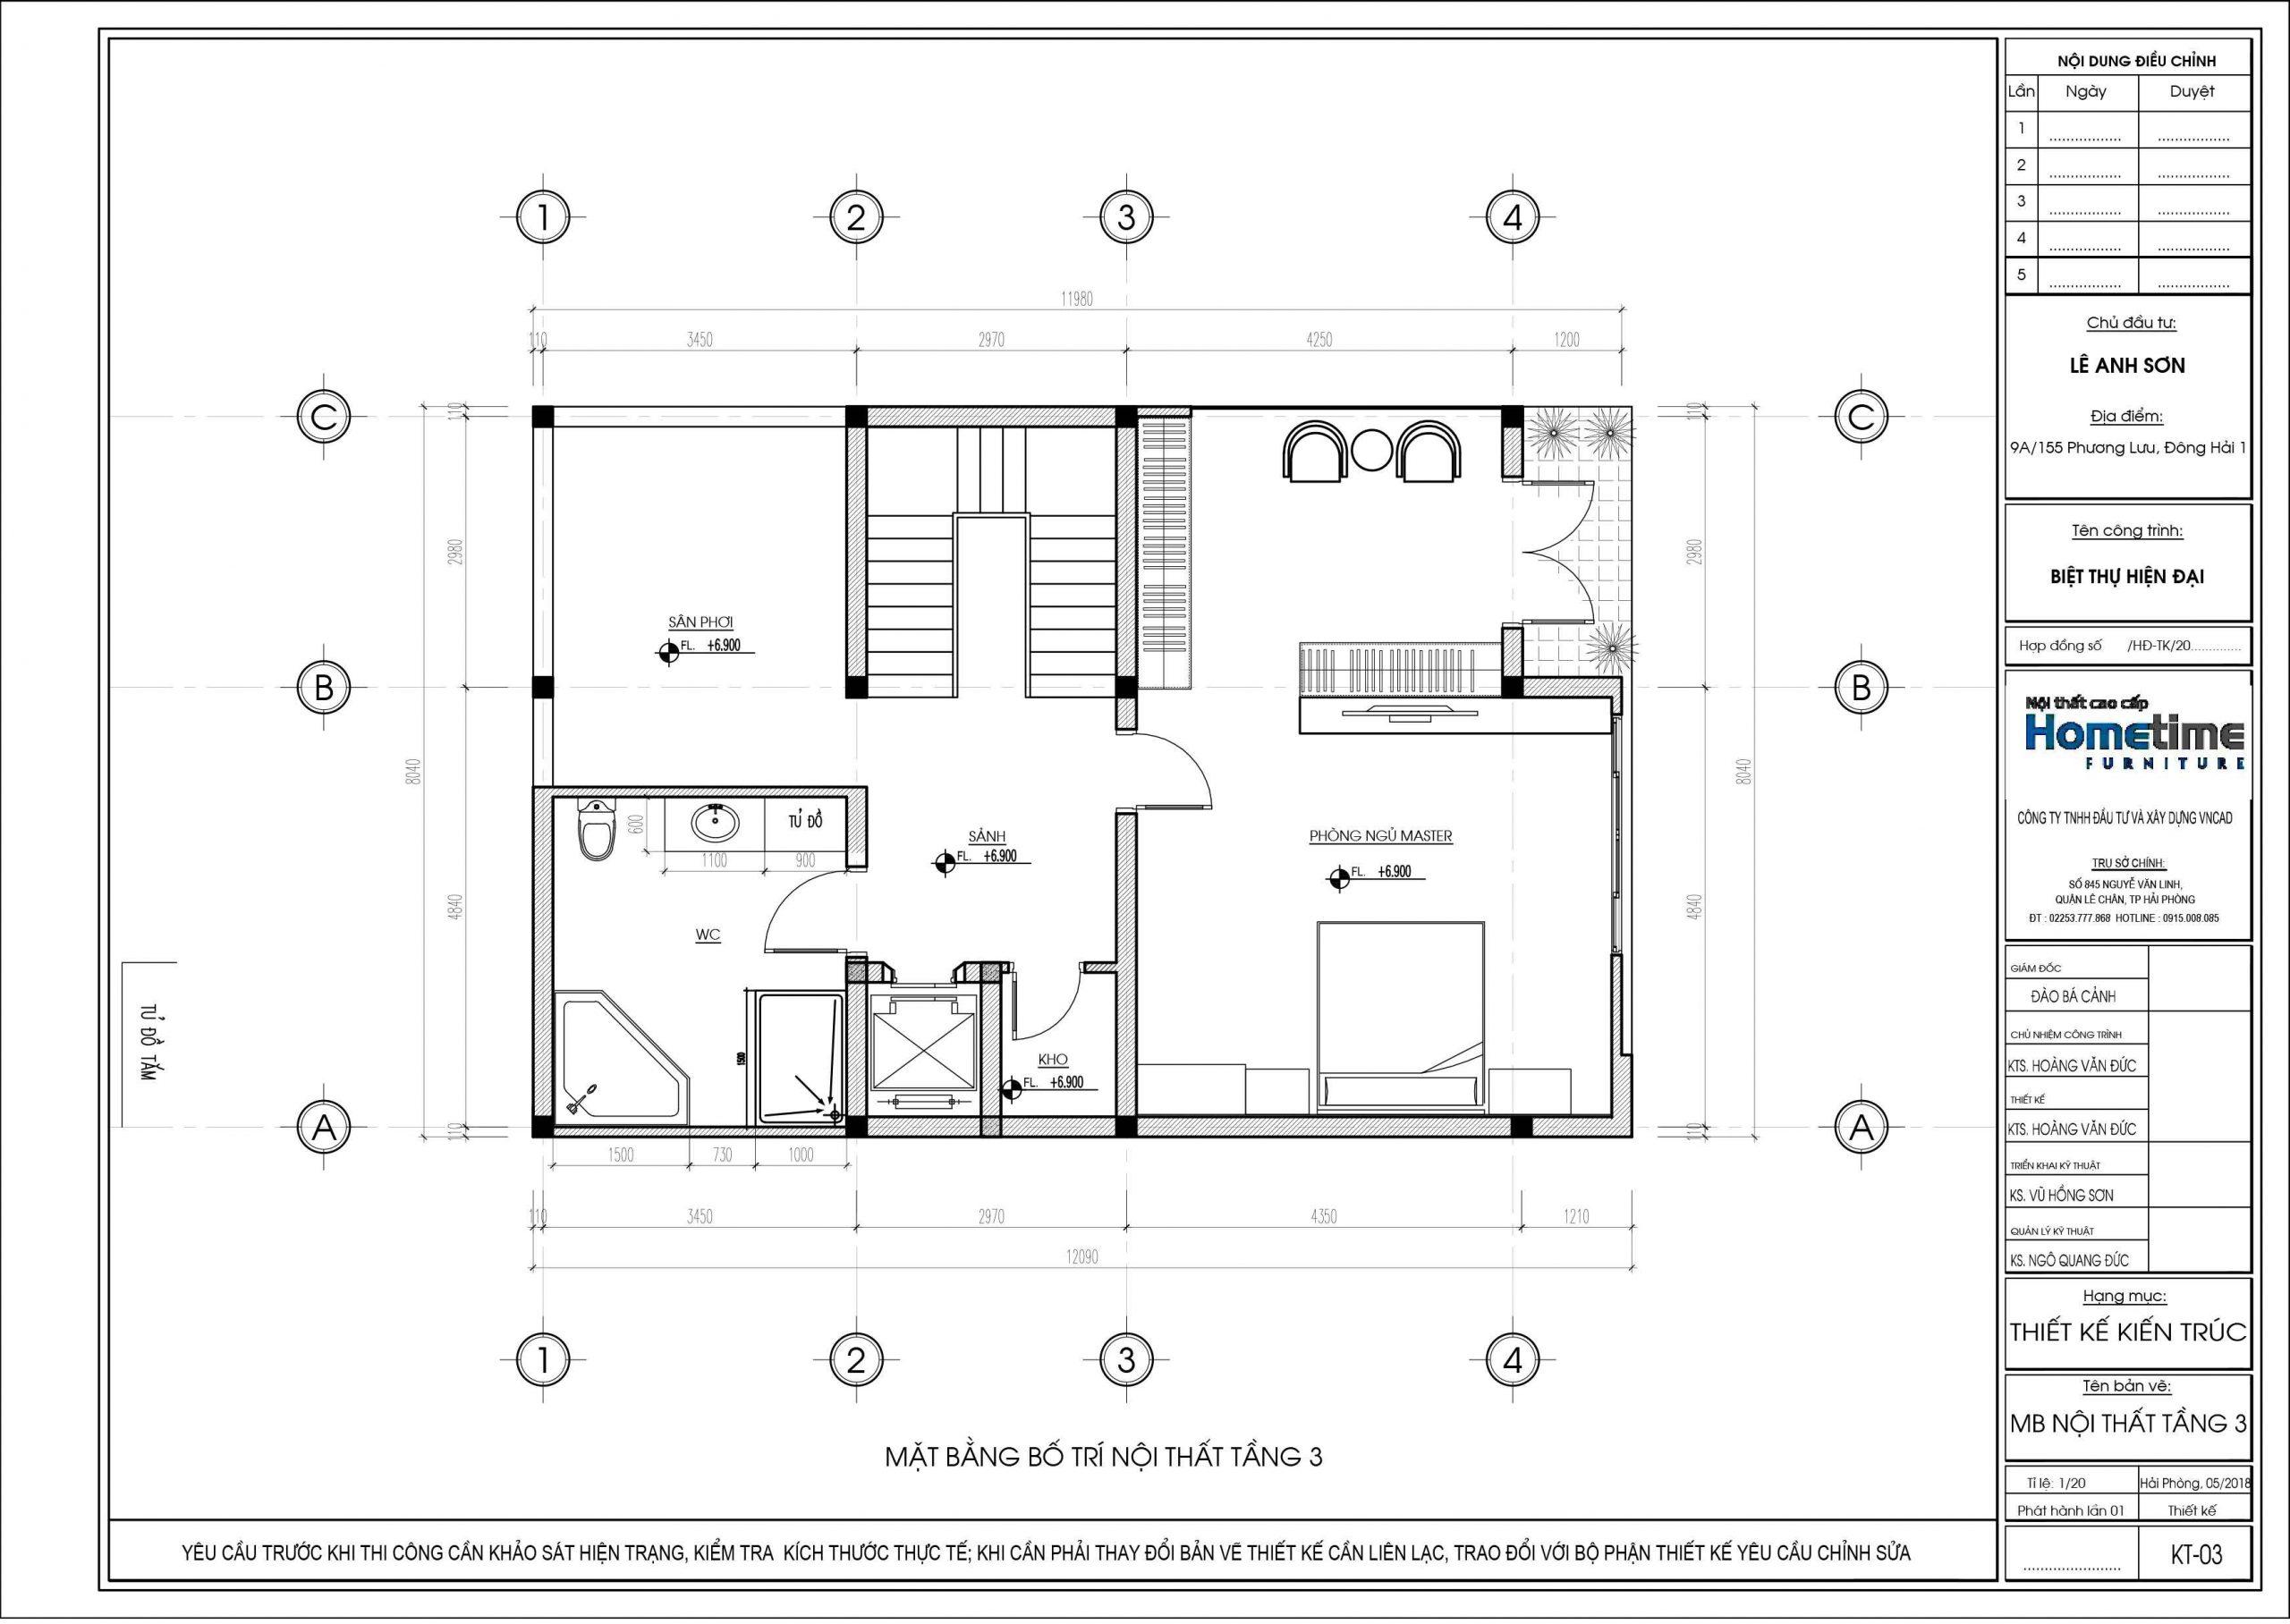 Bản thiết kế mặt bằng bố trí nội thất tầng ba